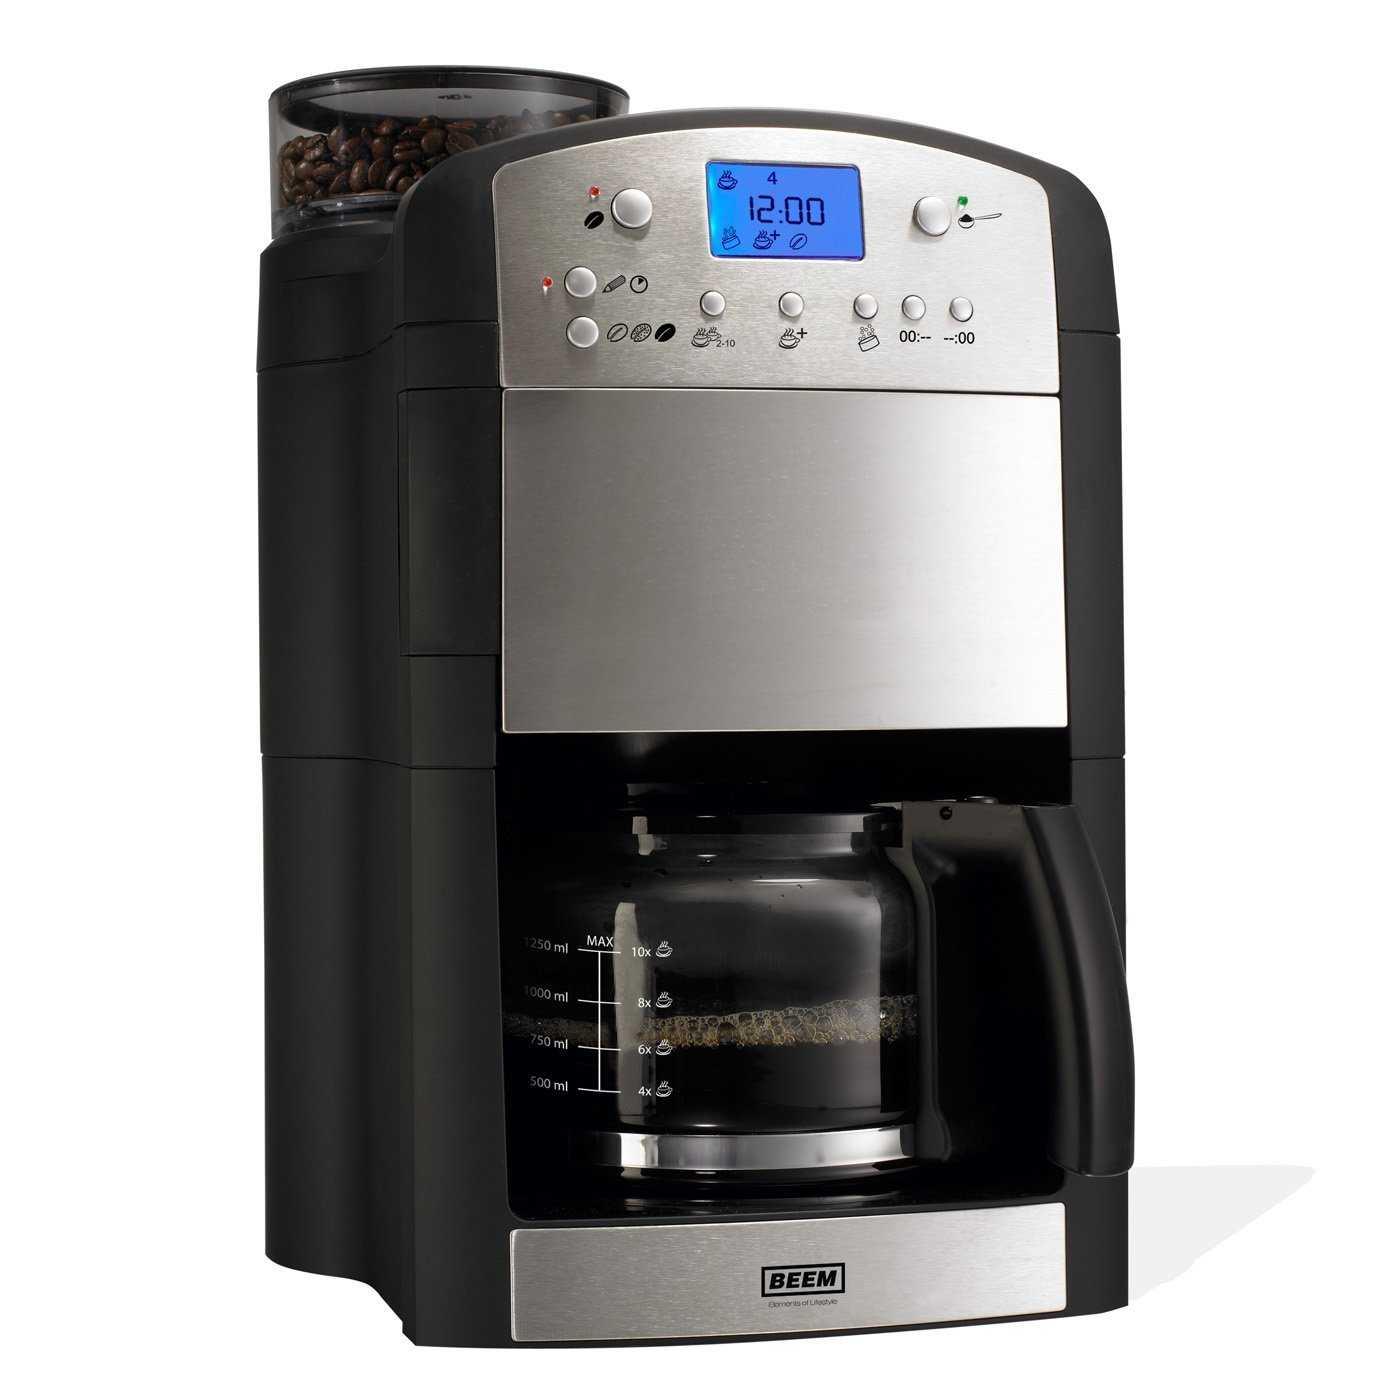 bei amazon gibt es die beem fresh aroma perfect v2 kaffeemaschine mit mahlwerk fuer 10999 statt 12104